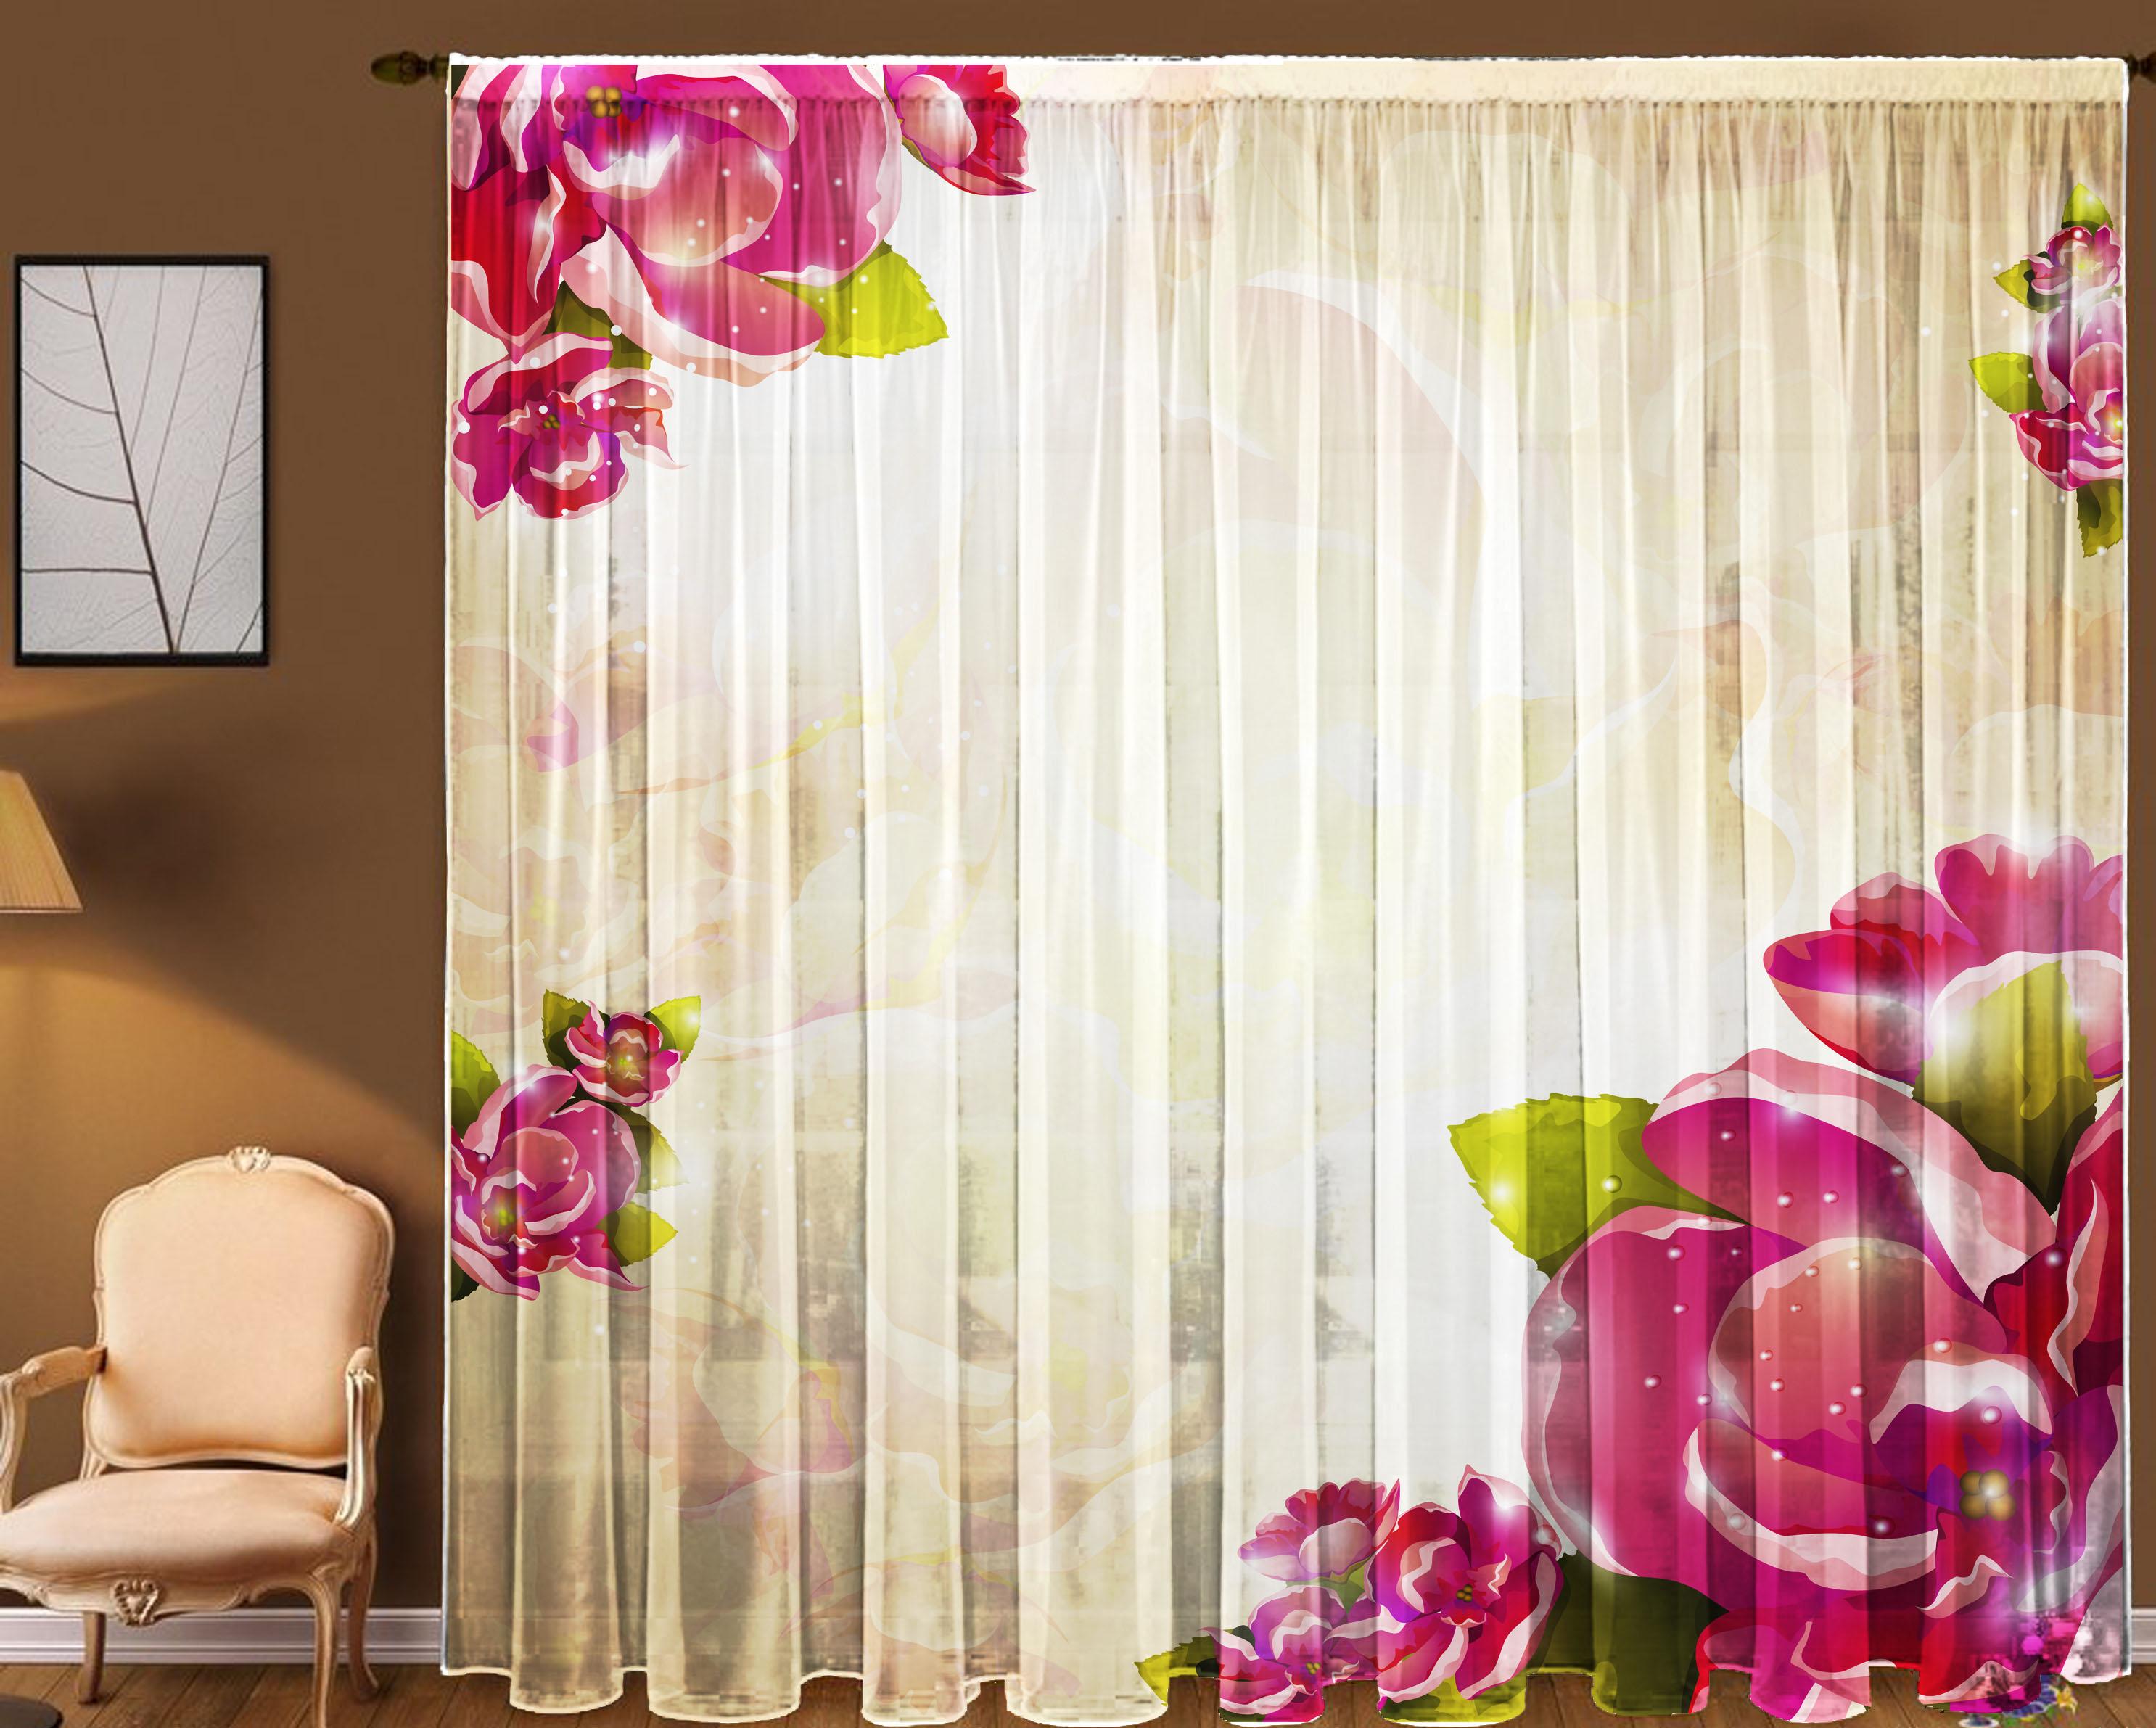 Шторы для комнатыДля комнаты<br>Яркие шторы для комнаты:  В комплекте 2 полотна: Длина 145 см +/- 5 см Высота 270 см +/- 5 см  Цвет: белый, розовый, зеленый<br><br>По стилю: Классические шторы,Раздвижные шторы<br>По материалу: Вуаль<br>По рисунку: Растительные мотивы,С принтом (печатью),Цветные,Цветочные<br>Карниз: Однорядный<br>Размеры: До пола<br>Размер: 290*270<br>Материал: 100% полиэстер<br>Количество в наличии: 1